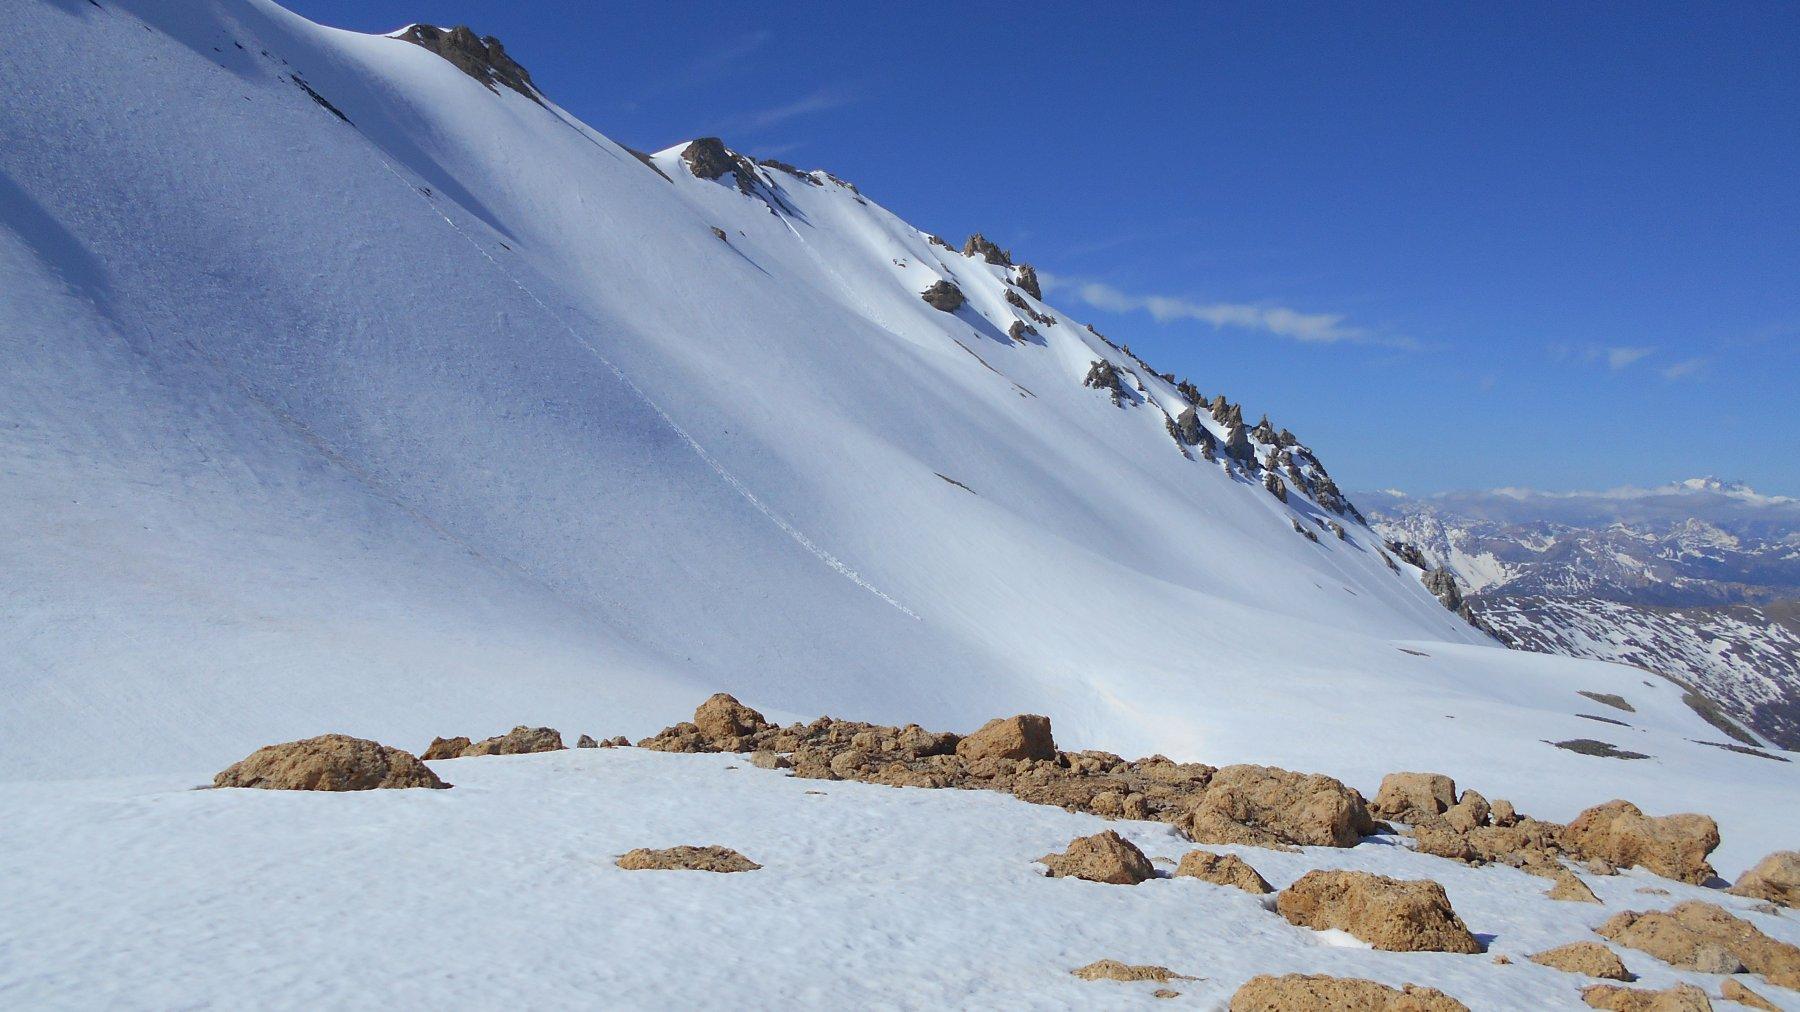 il versante nord del Vallonetto visto dopo aver raggiunto il fondo della Valfredda